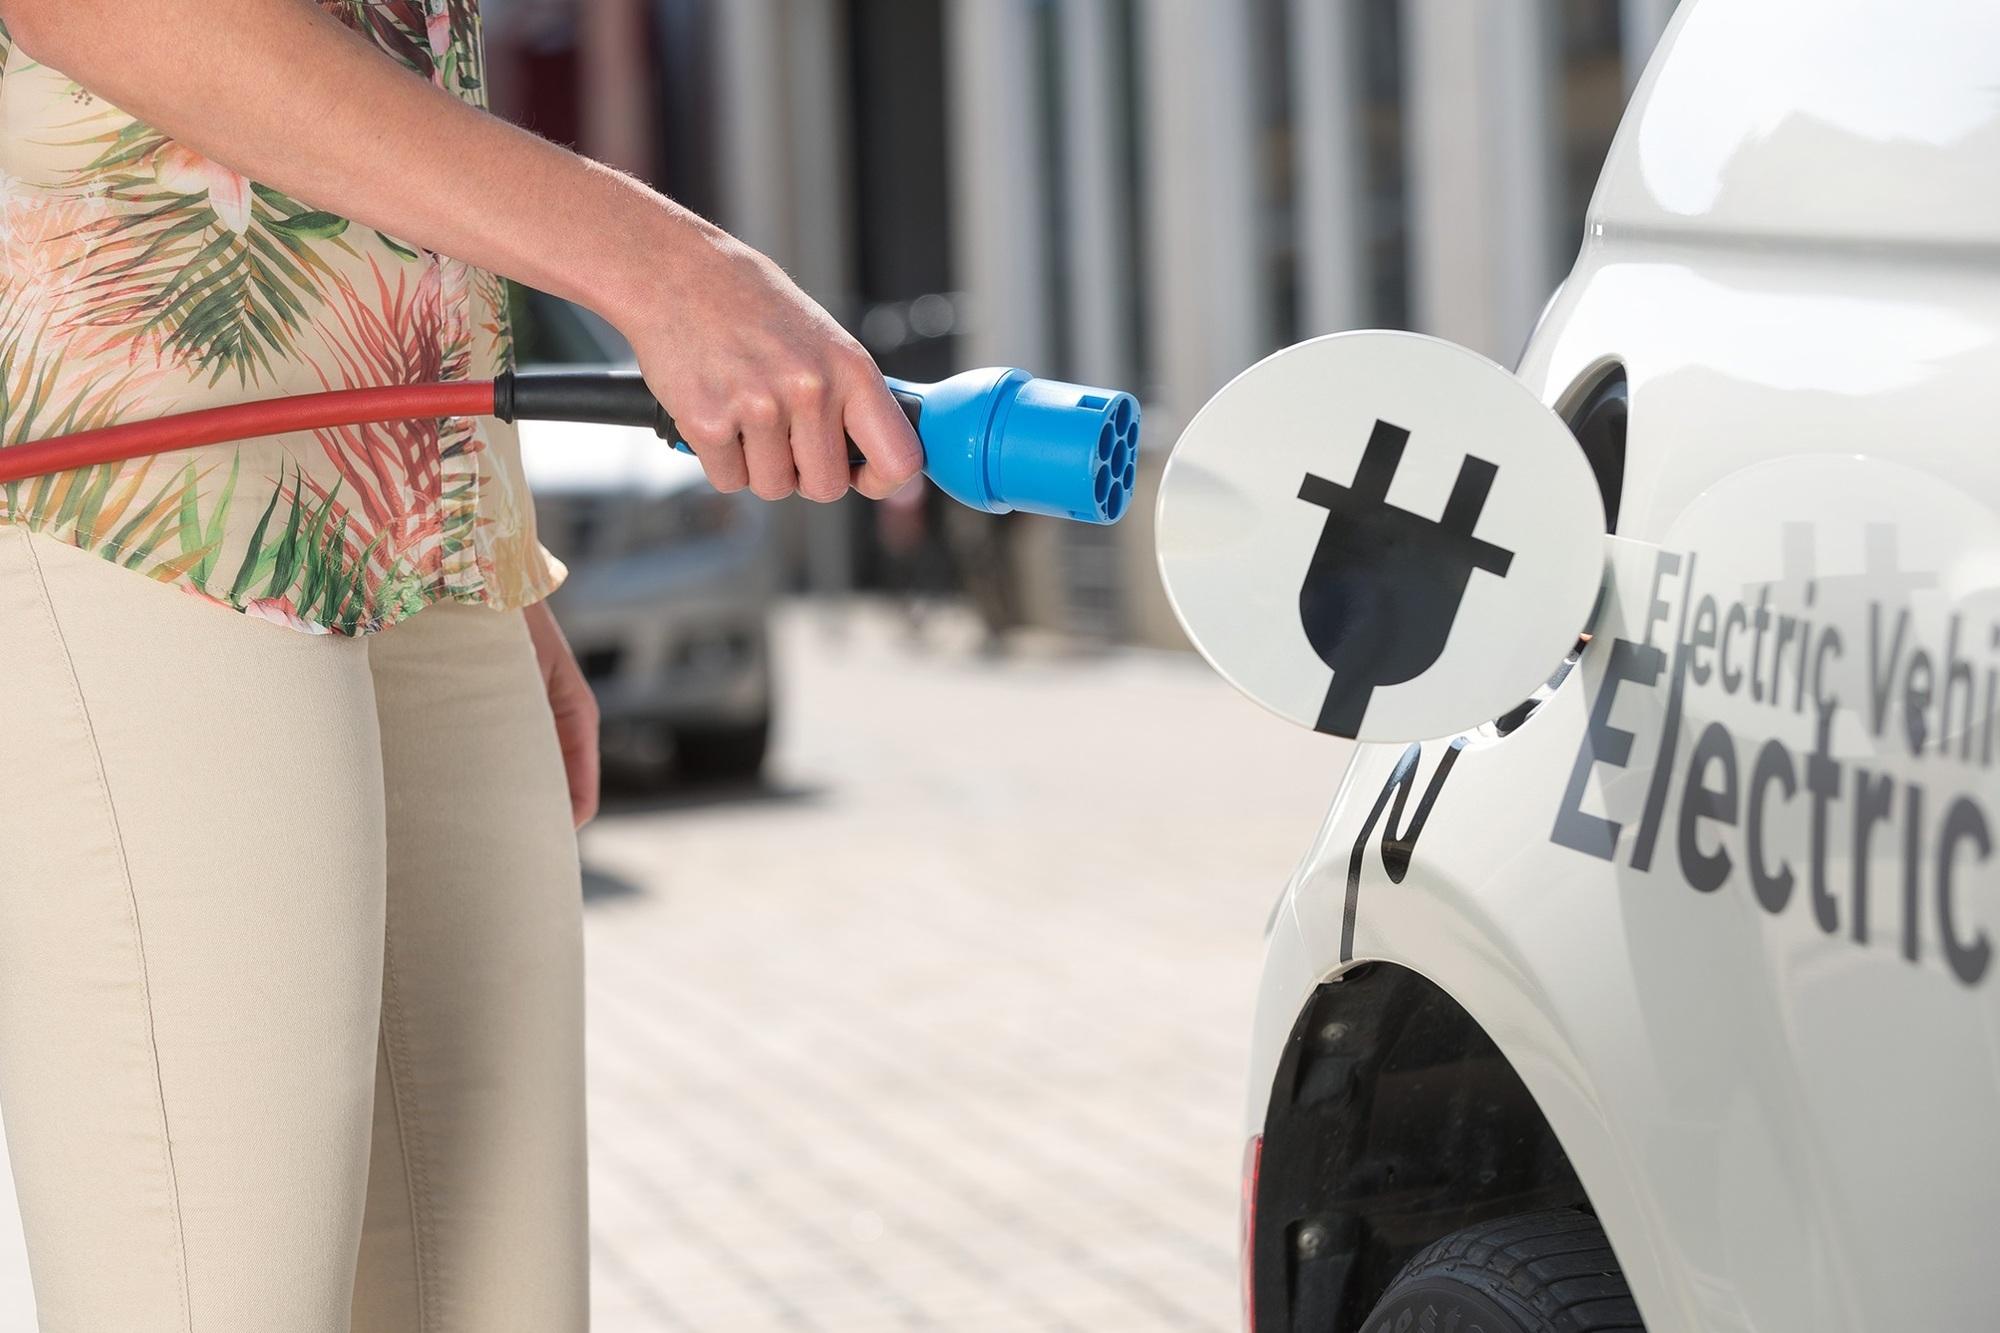 Elektroauto-Absatz weltweit - Deutschland hat Aufholbedarf